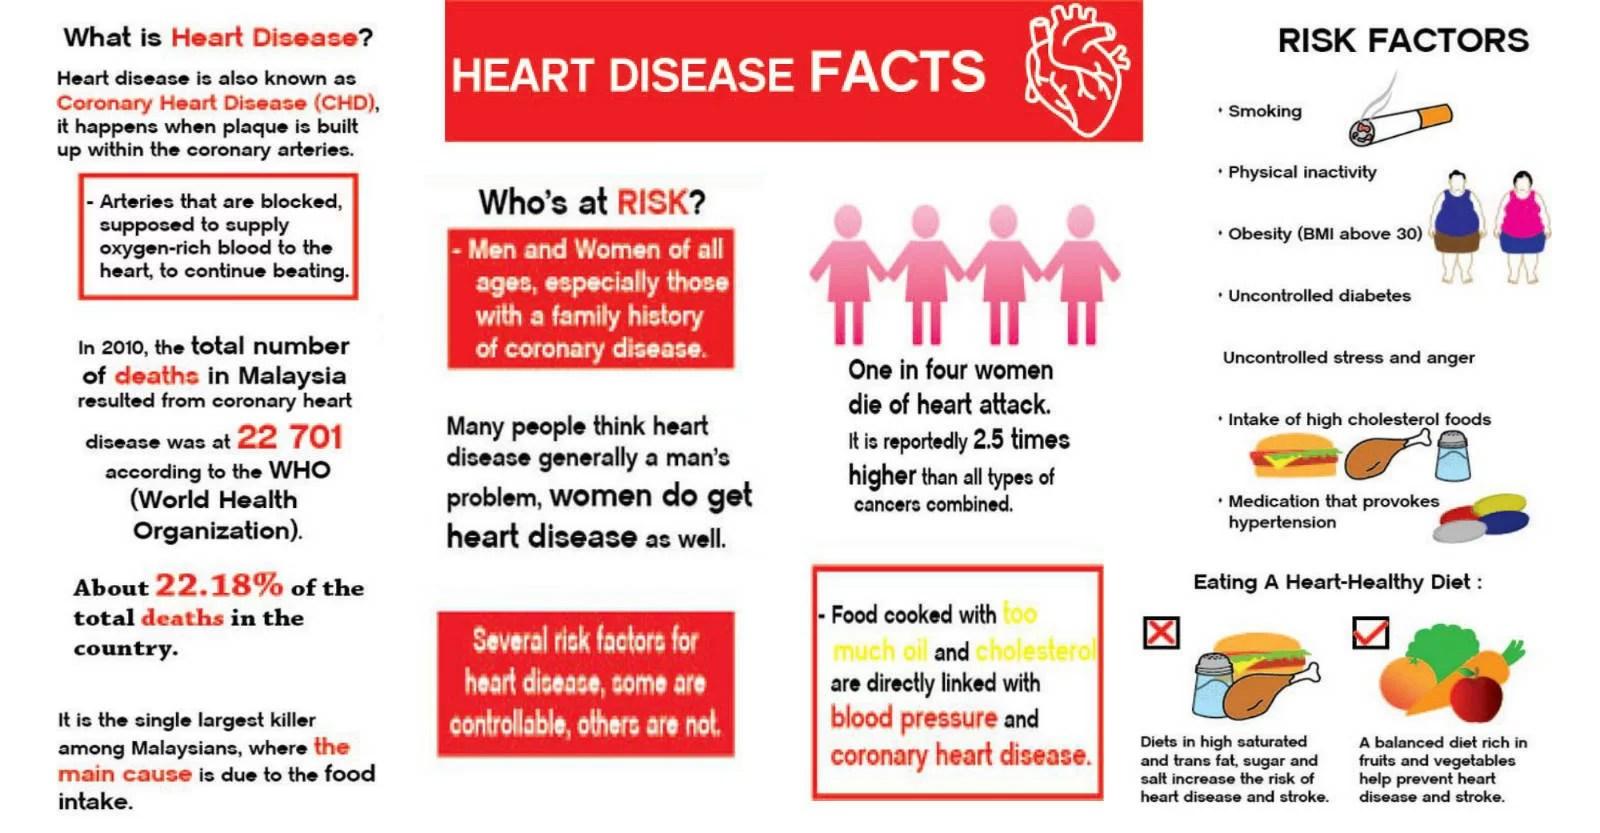 6 Unusual Heart Disease Signs